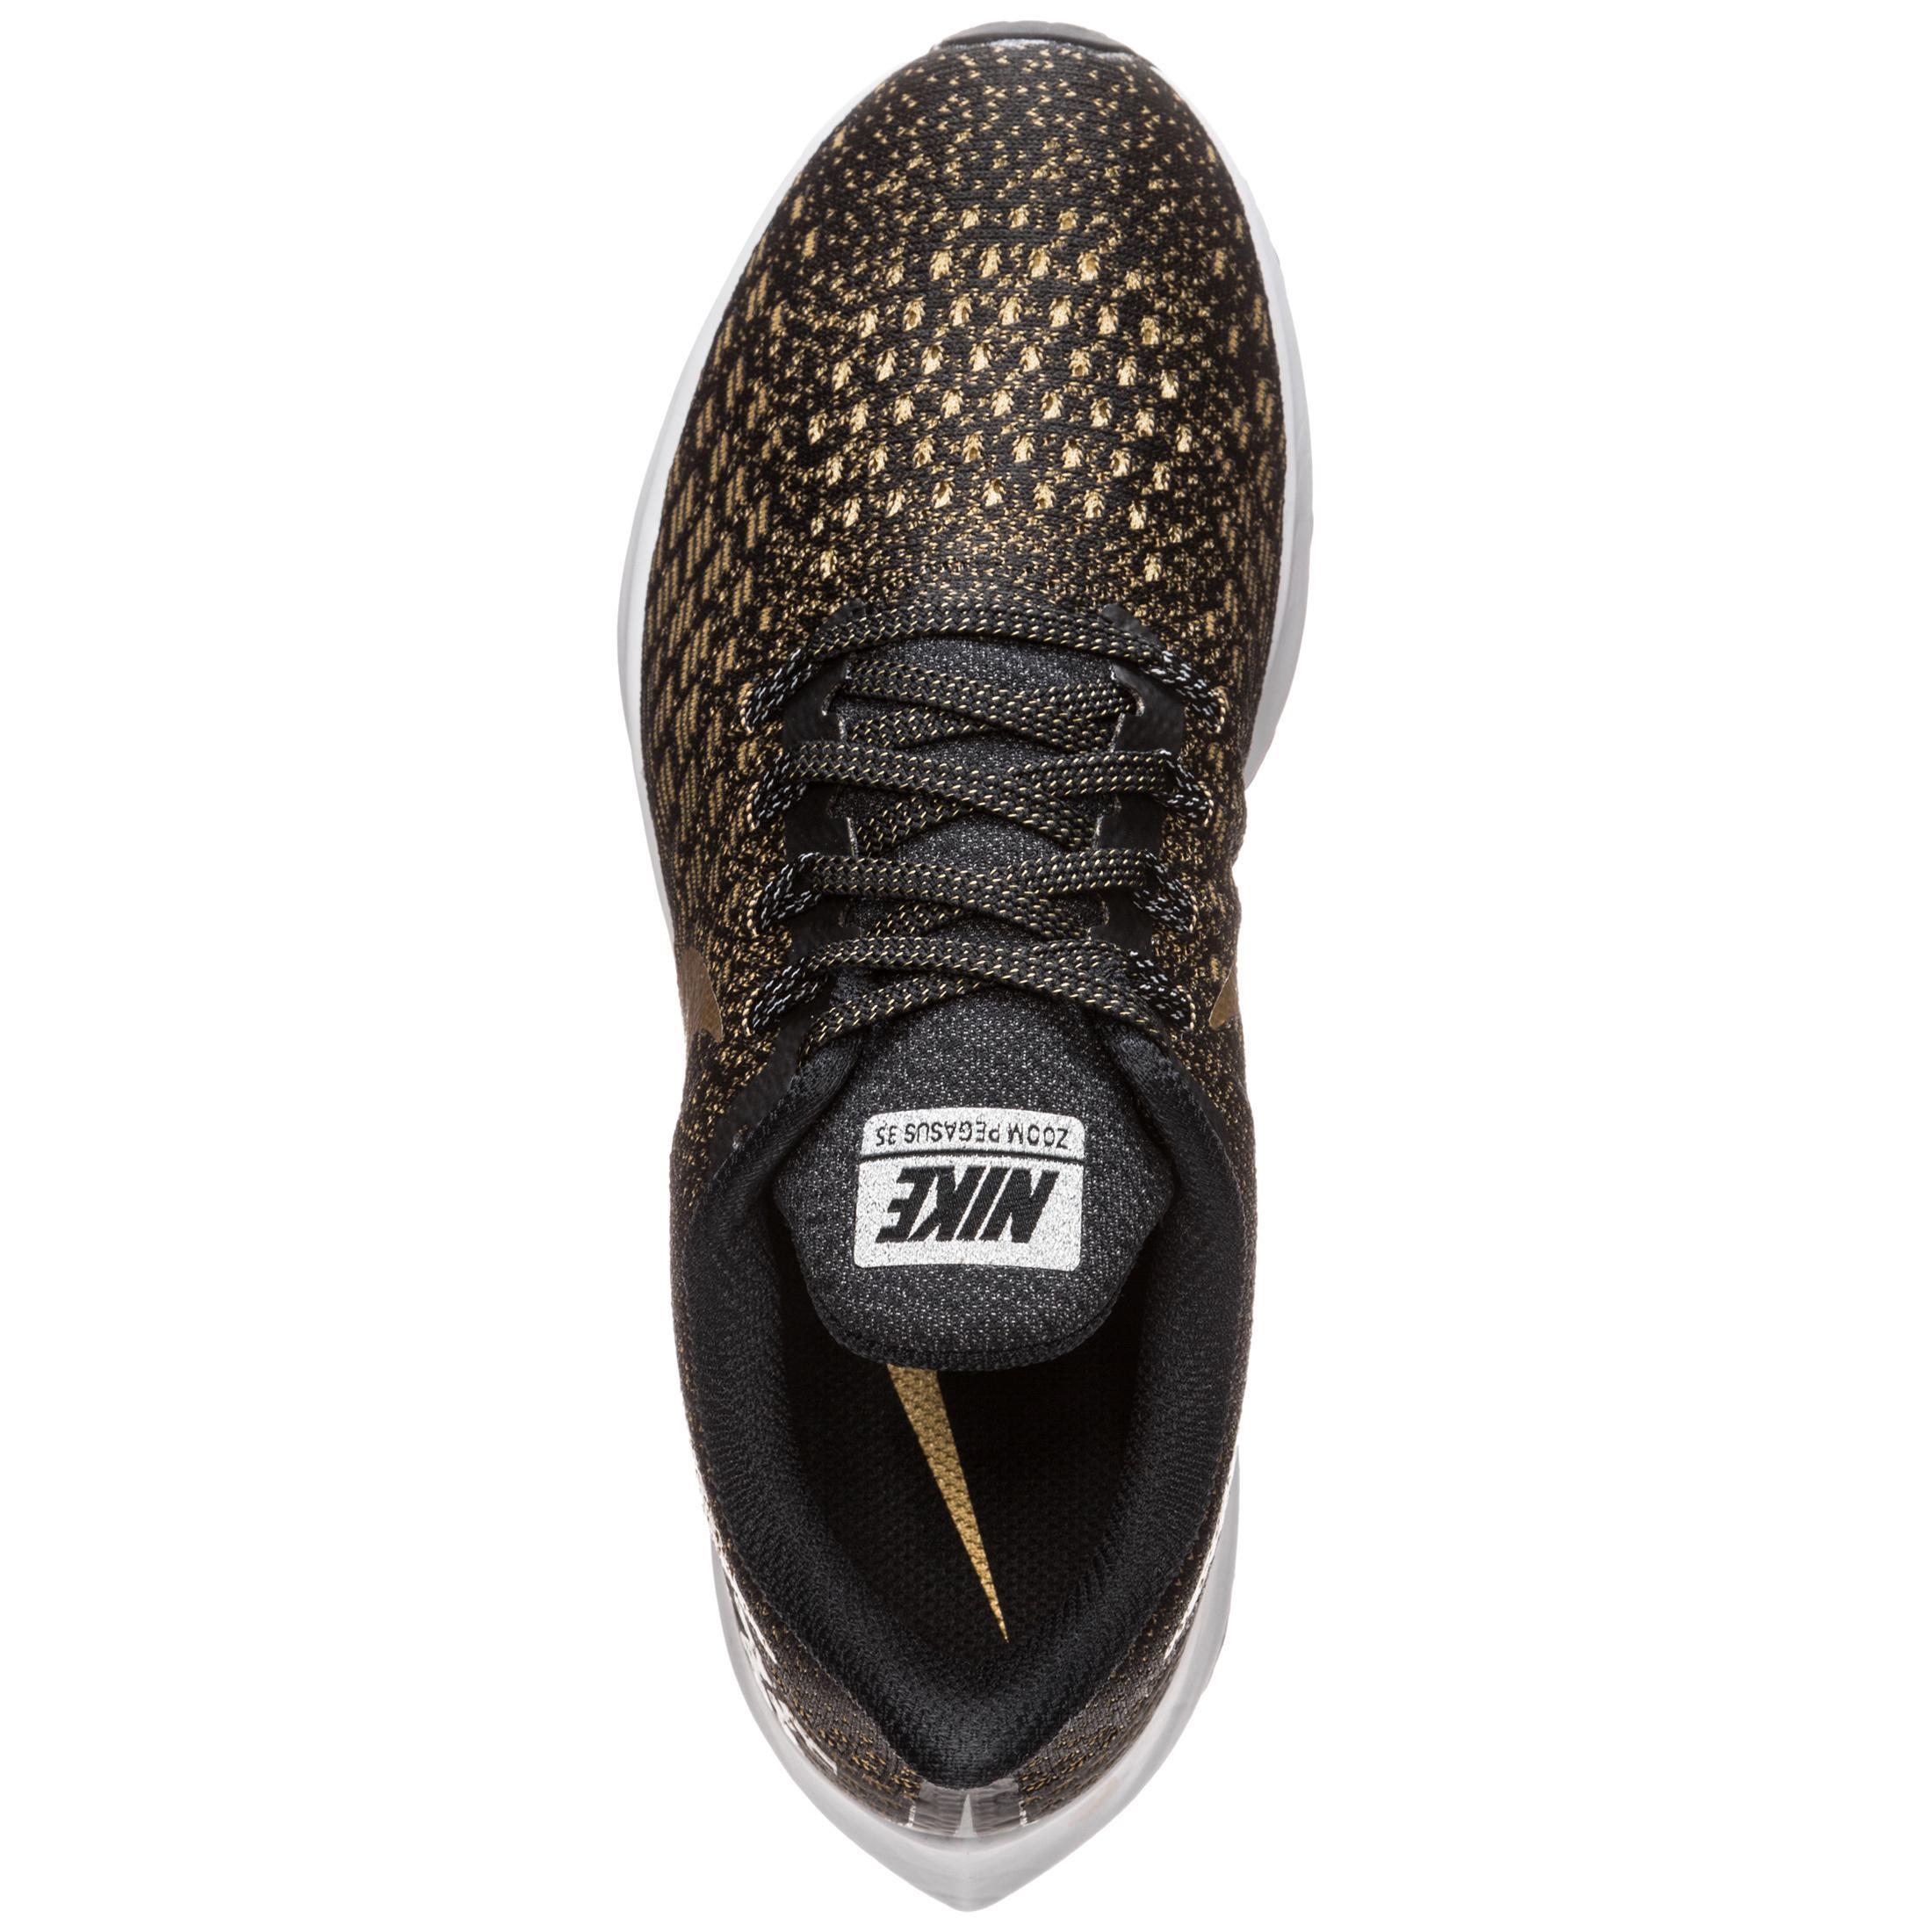 Nike Air Zoom Pegasus 35 Laufschuhe Damen schwarz   Gute Gold im Online Shop von SportScheck kaufen Gute  Qualität beliebte Schuhe 47651b